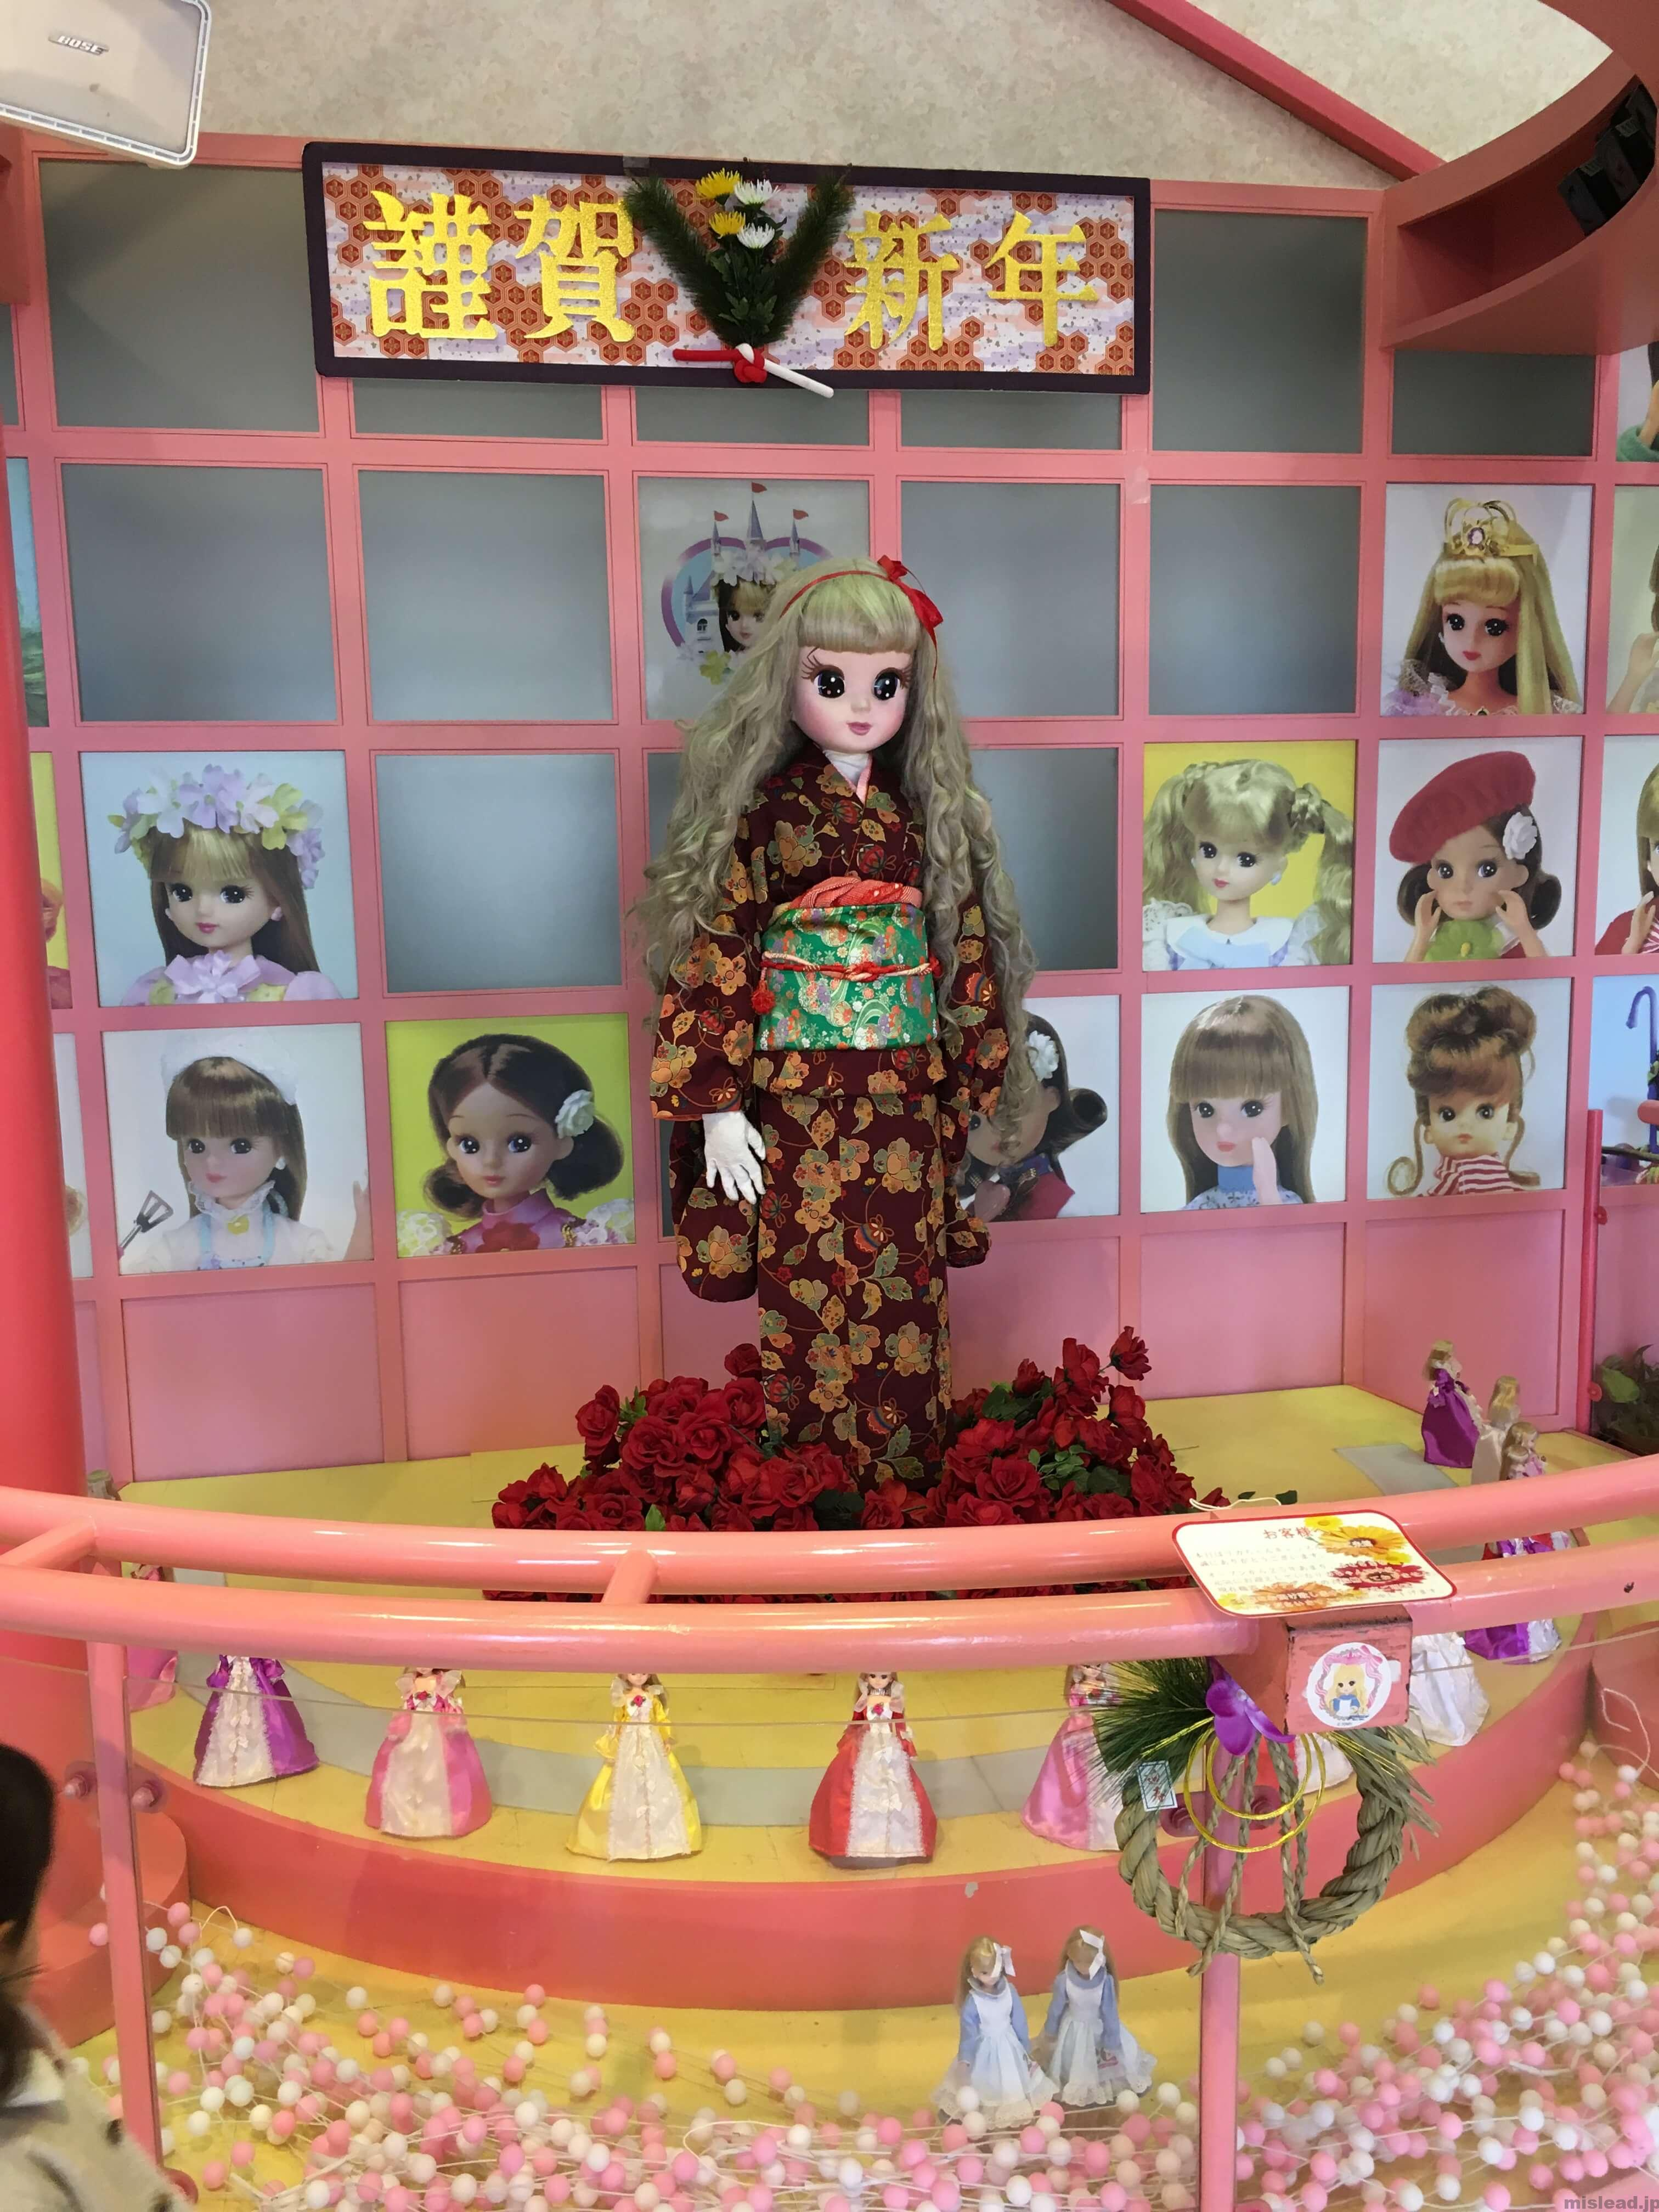 リカちゃんキャッスル 入口の人形